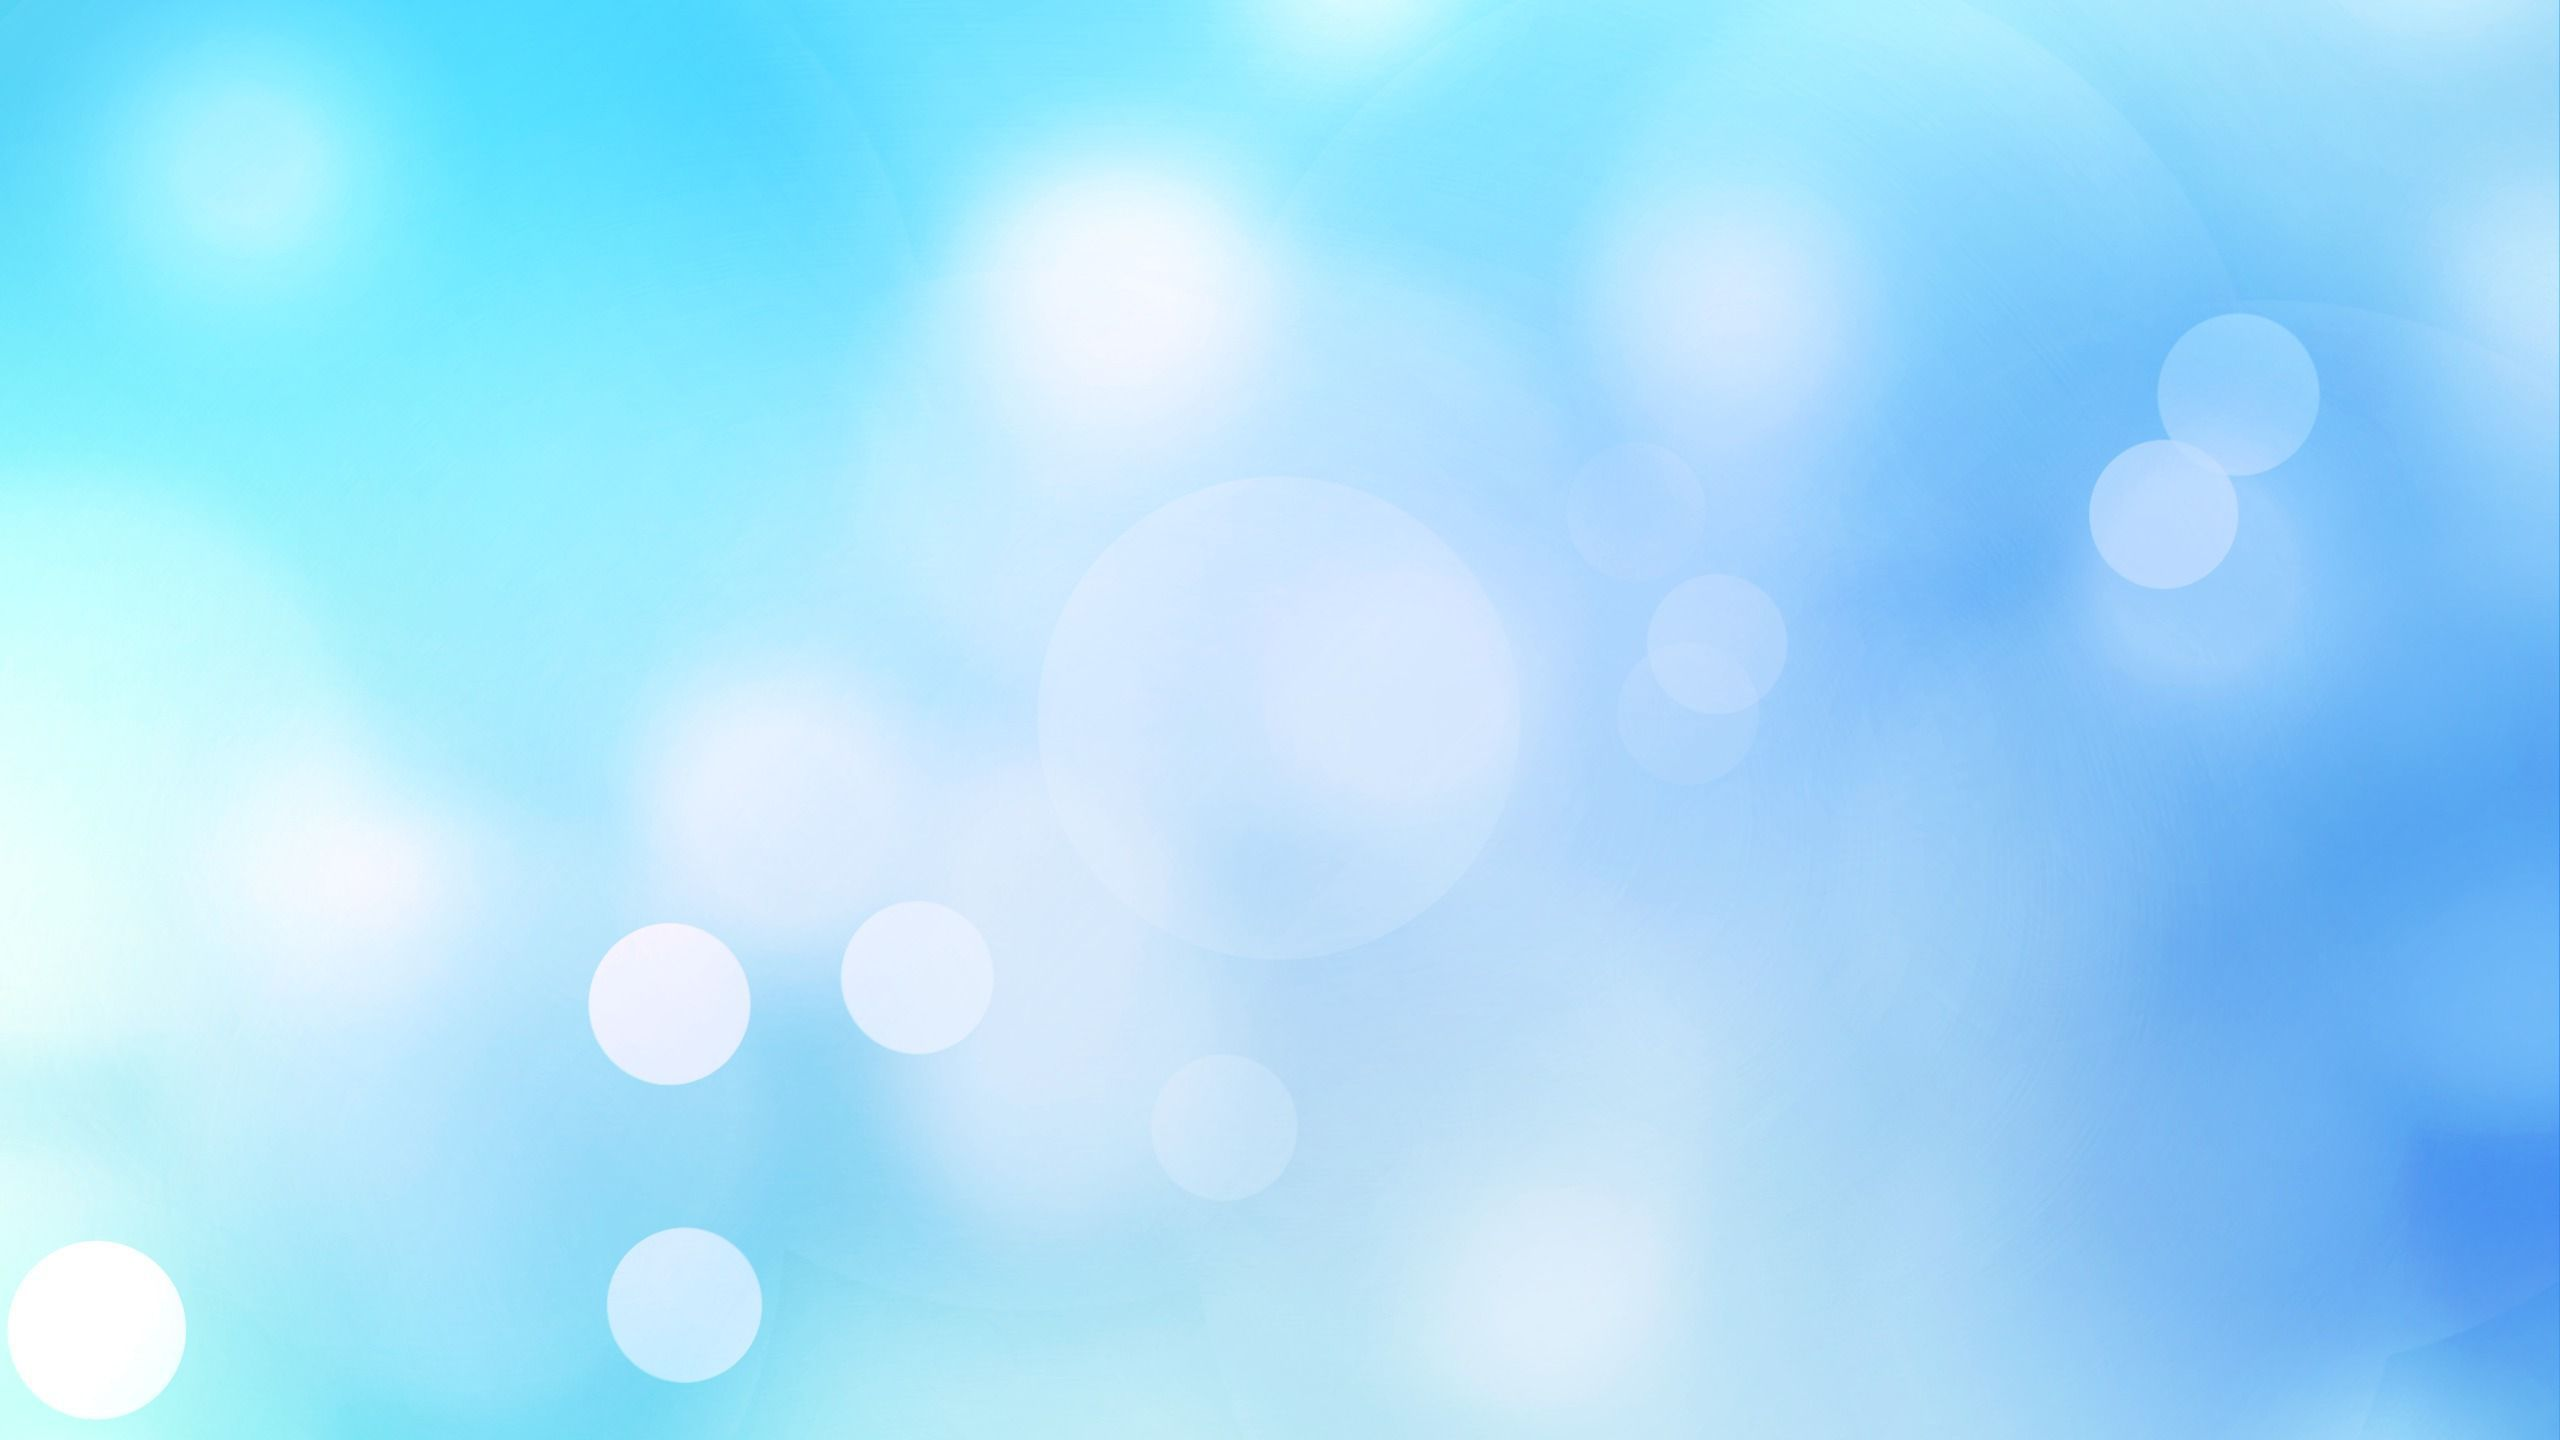 Light Blue Wallpaper Full Hd For Desktop Wallpaper 2560 X